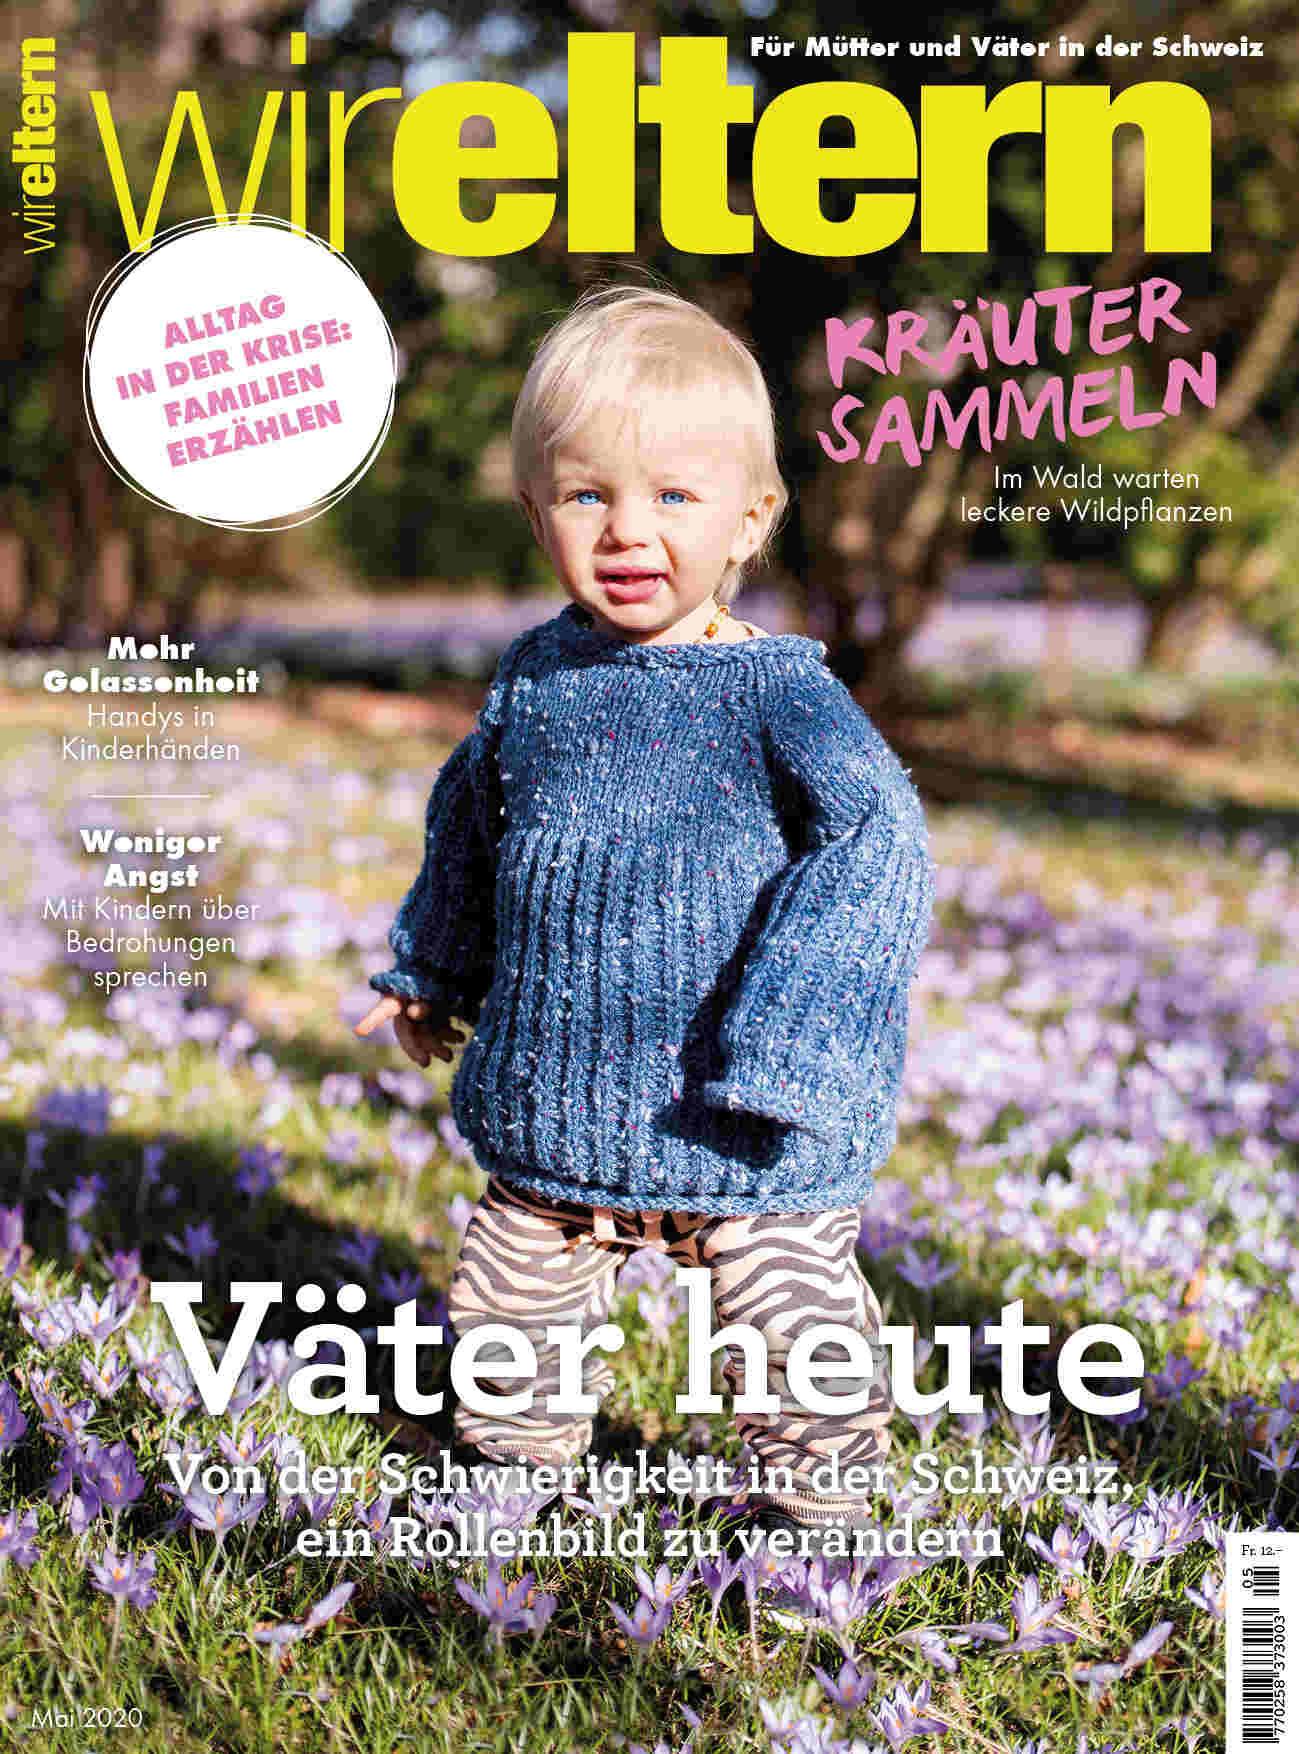 Zeitschriften - Schweizer Zeitschriften - zeitschriften-abos.ch